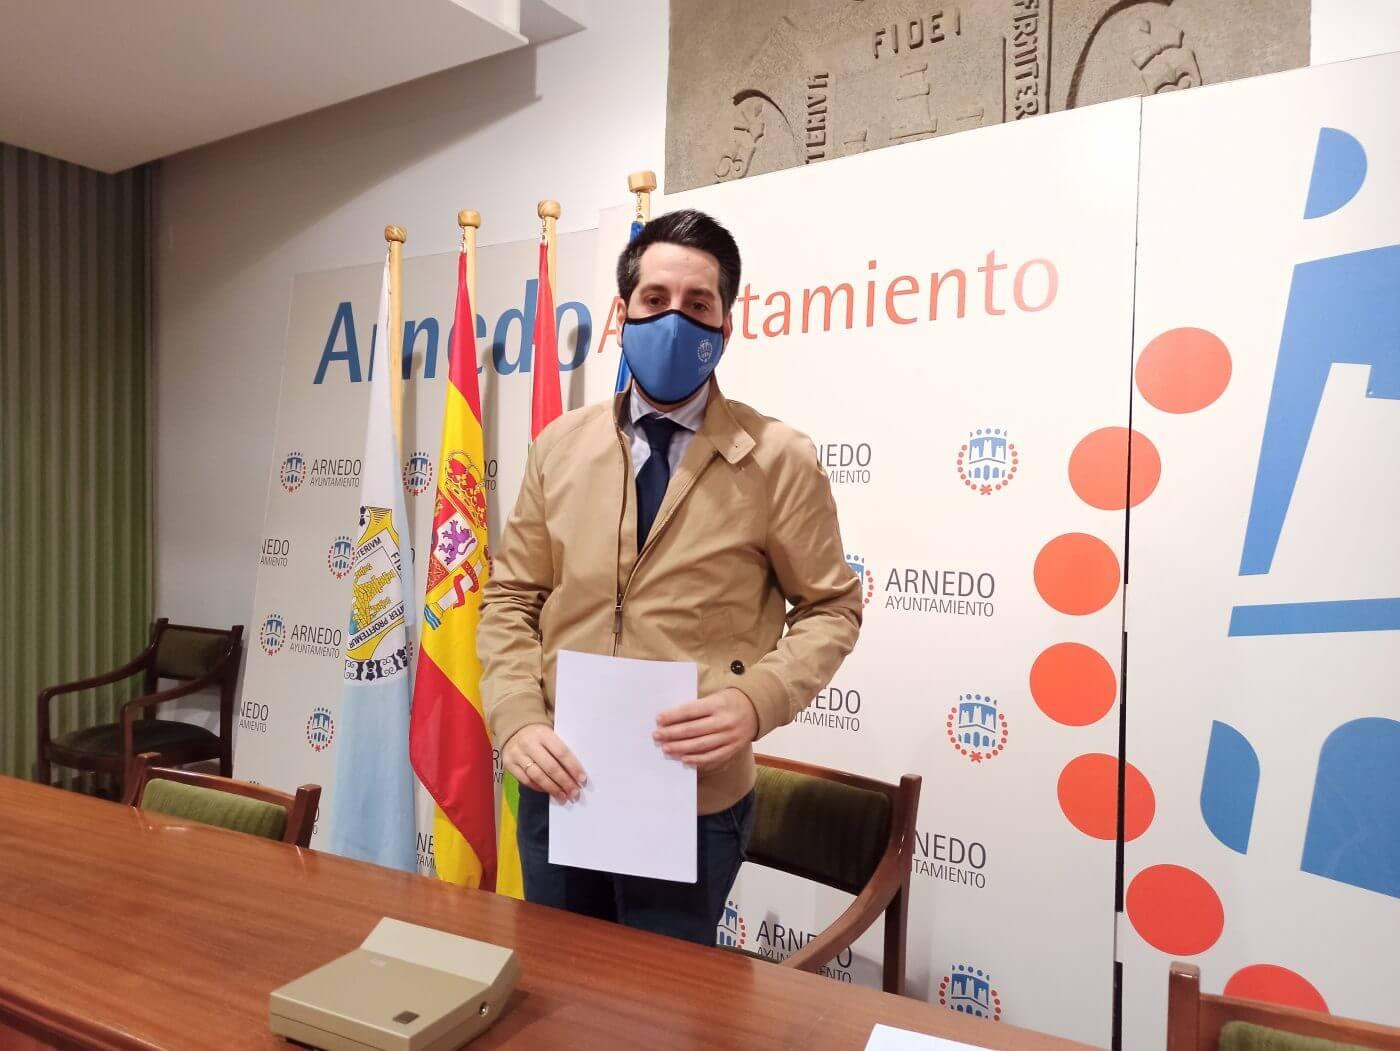 El alcalde de Arnedo vuelve a apelar a la responsabilidad, confiado en que la situación epidemiológica vaya mejorando